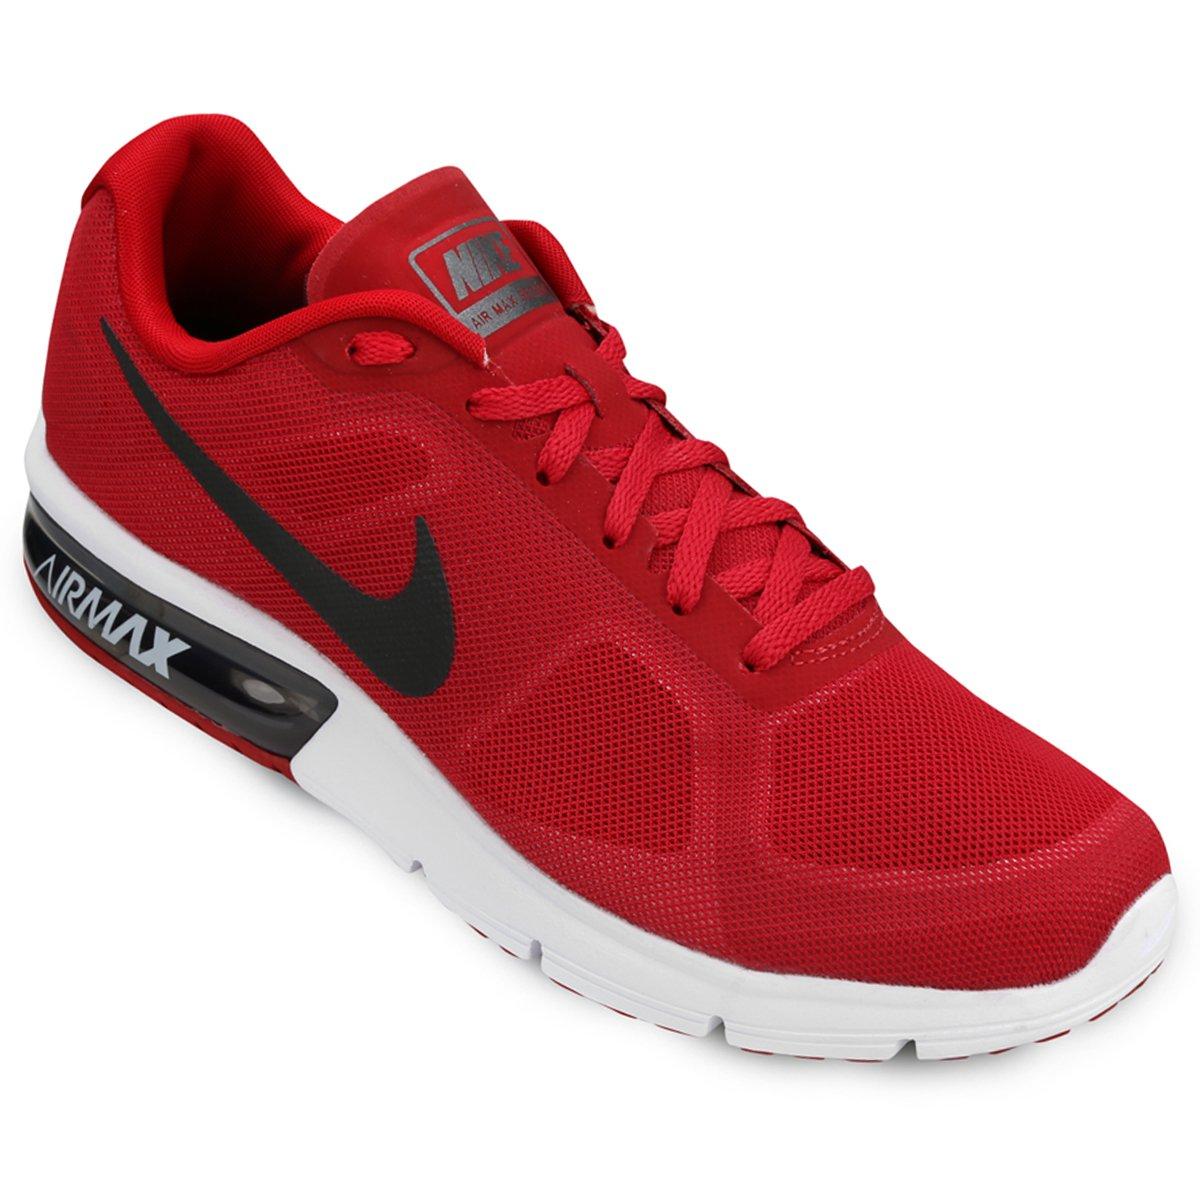 2776a976690 Tênis Nike Air Max Sequent Masculino - Compre Agora